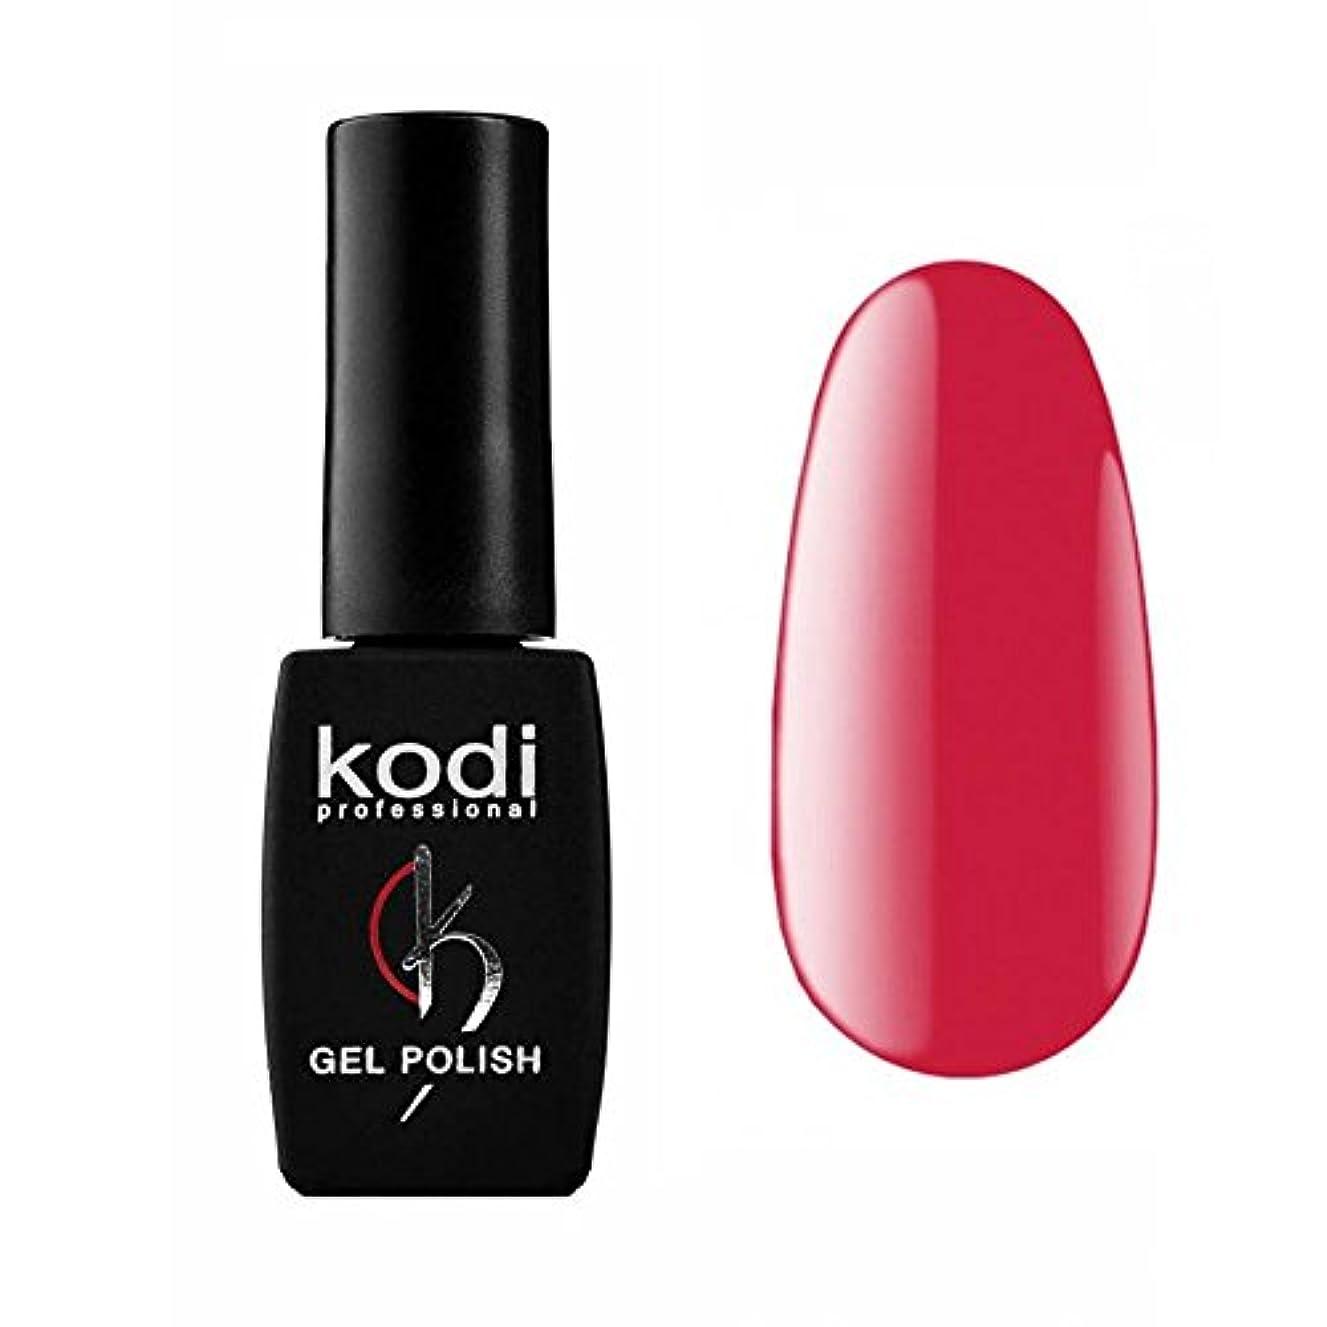 時刻表祖母宿泊Kodi Professional New Collection P Pink #120 Color Gel Nail Polish 12ml 0.42 Fl Oz LED UV Genuine Soak Off